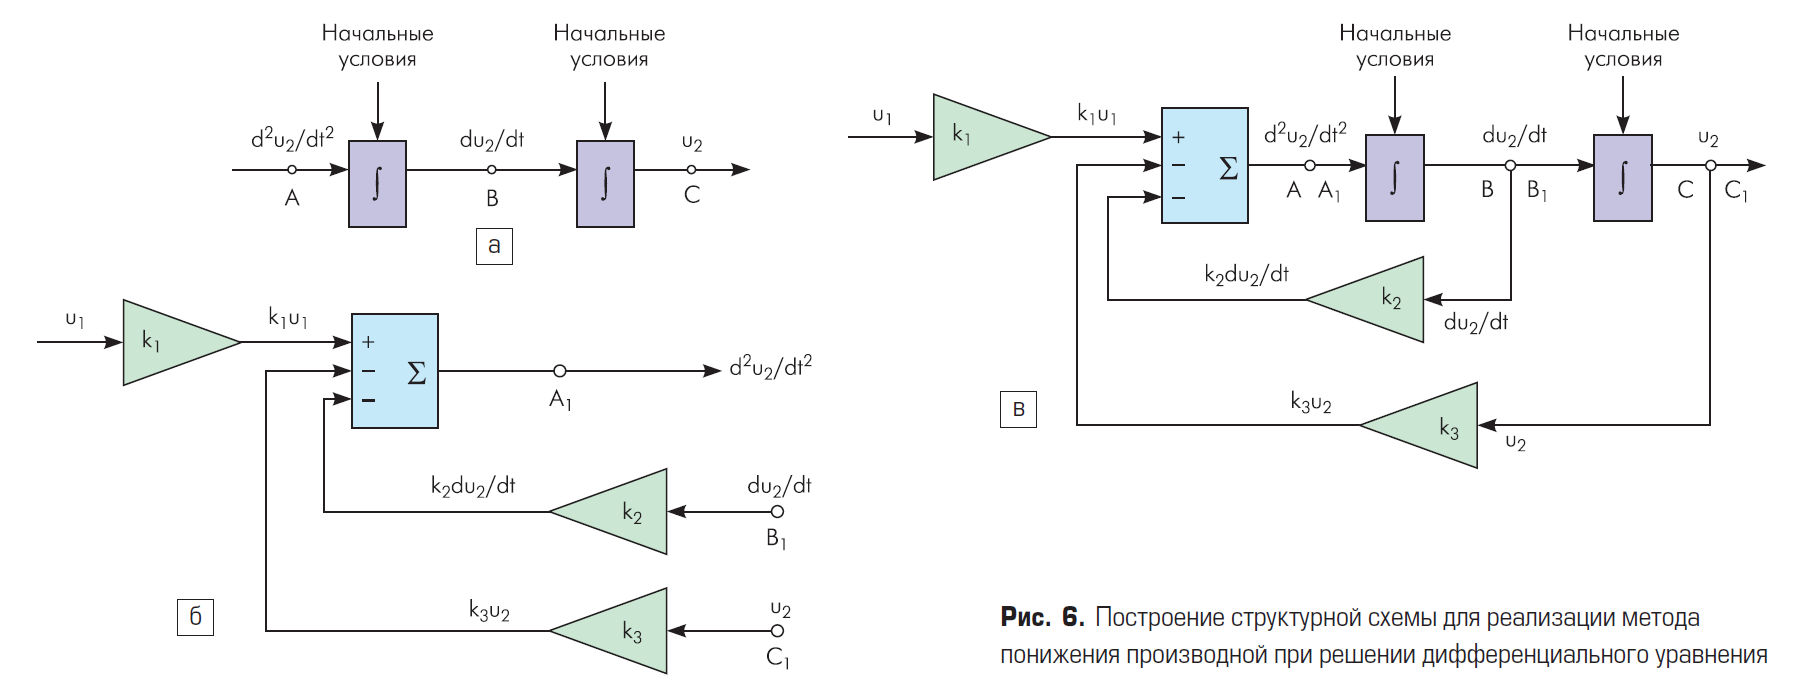 Построение структурной схемы для реализации метода понижения производной при решении дифференциального уравнения